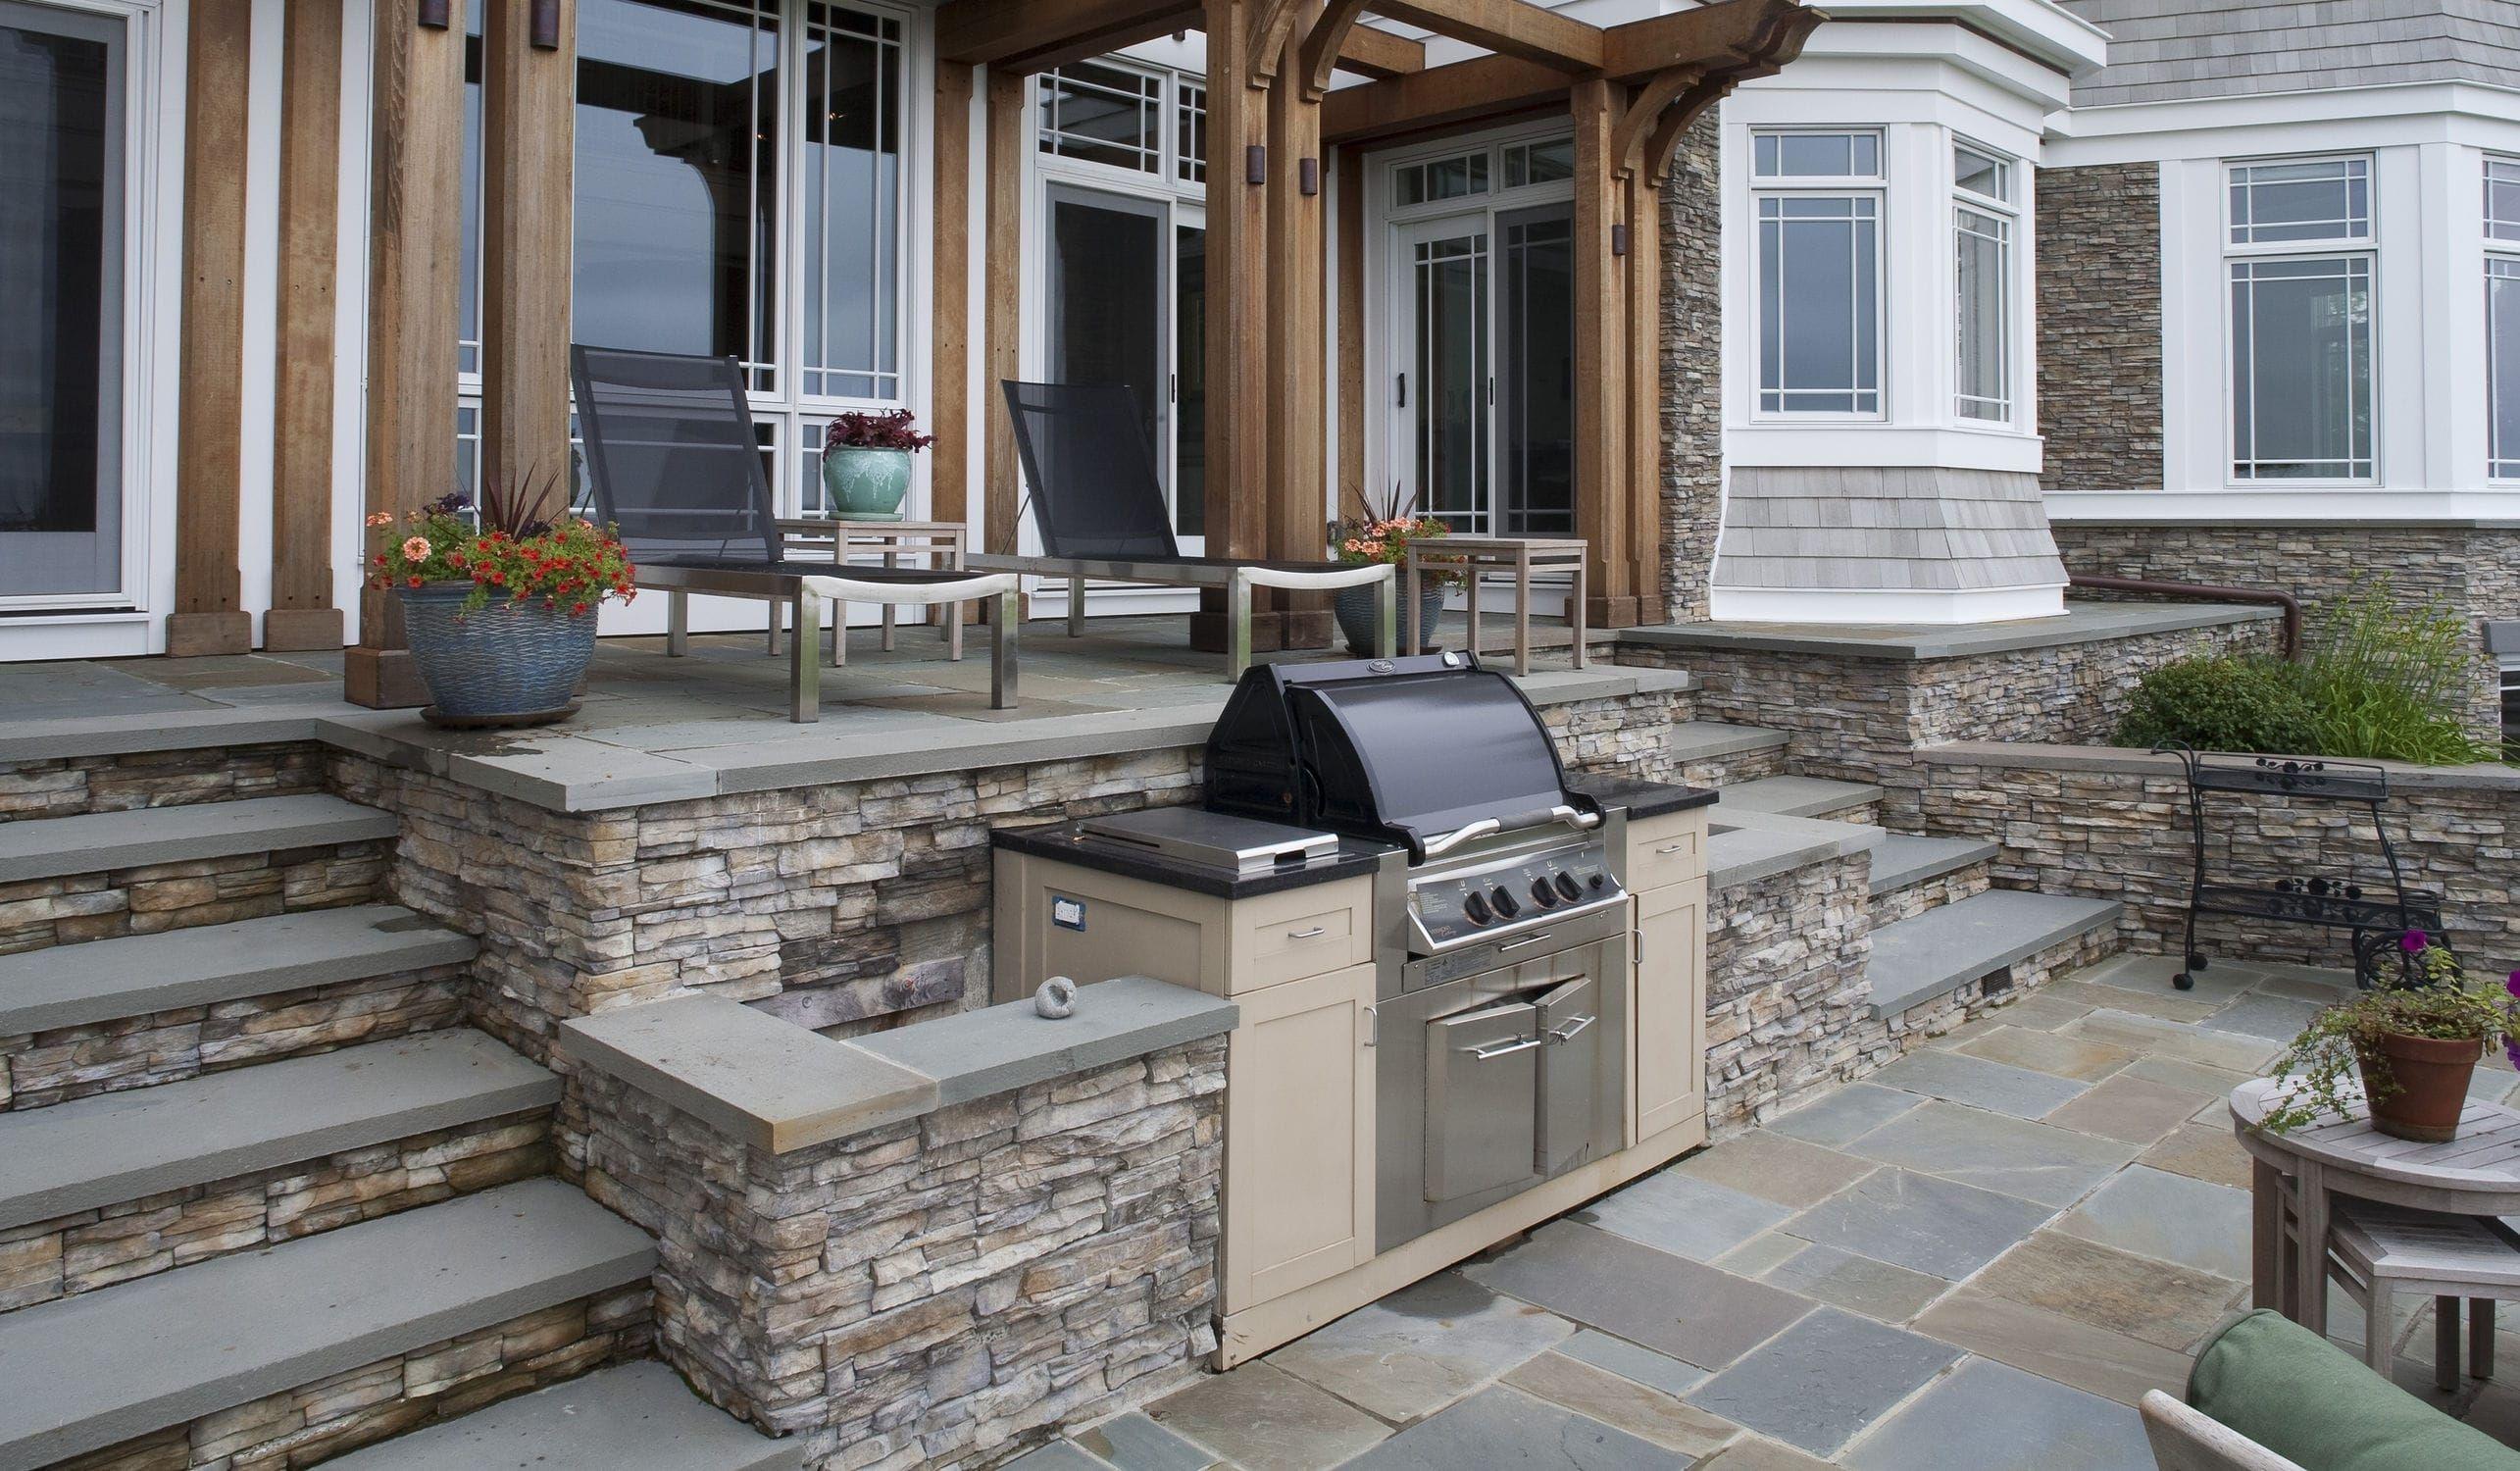 Eldorado Stone Outdoor Kitchen Extravagant Porch And Landscape Ideas In 2020 Outdoor Kitchen Design Build Outdoor Kitchen Outdoor Kitchen